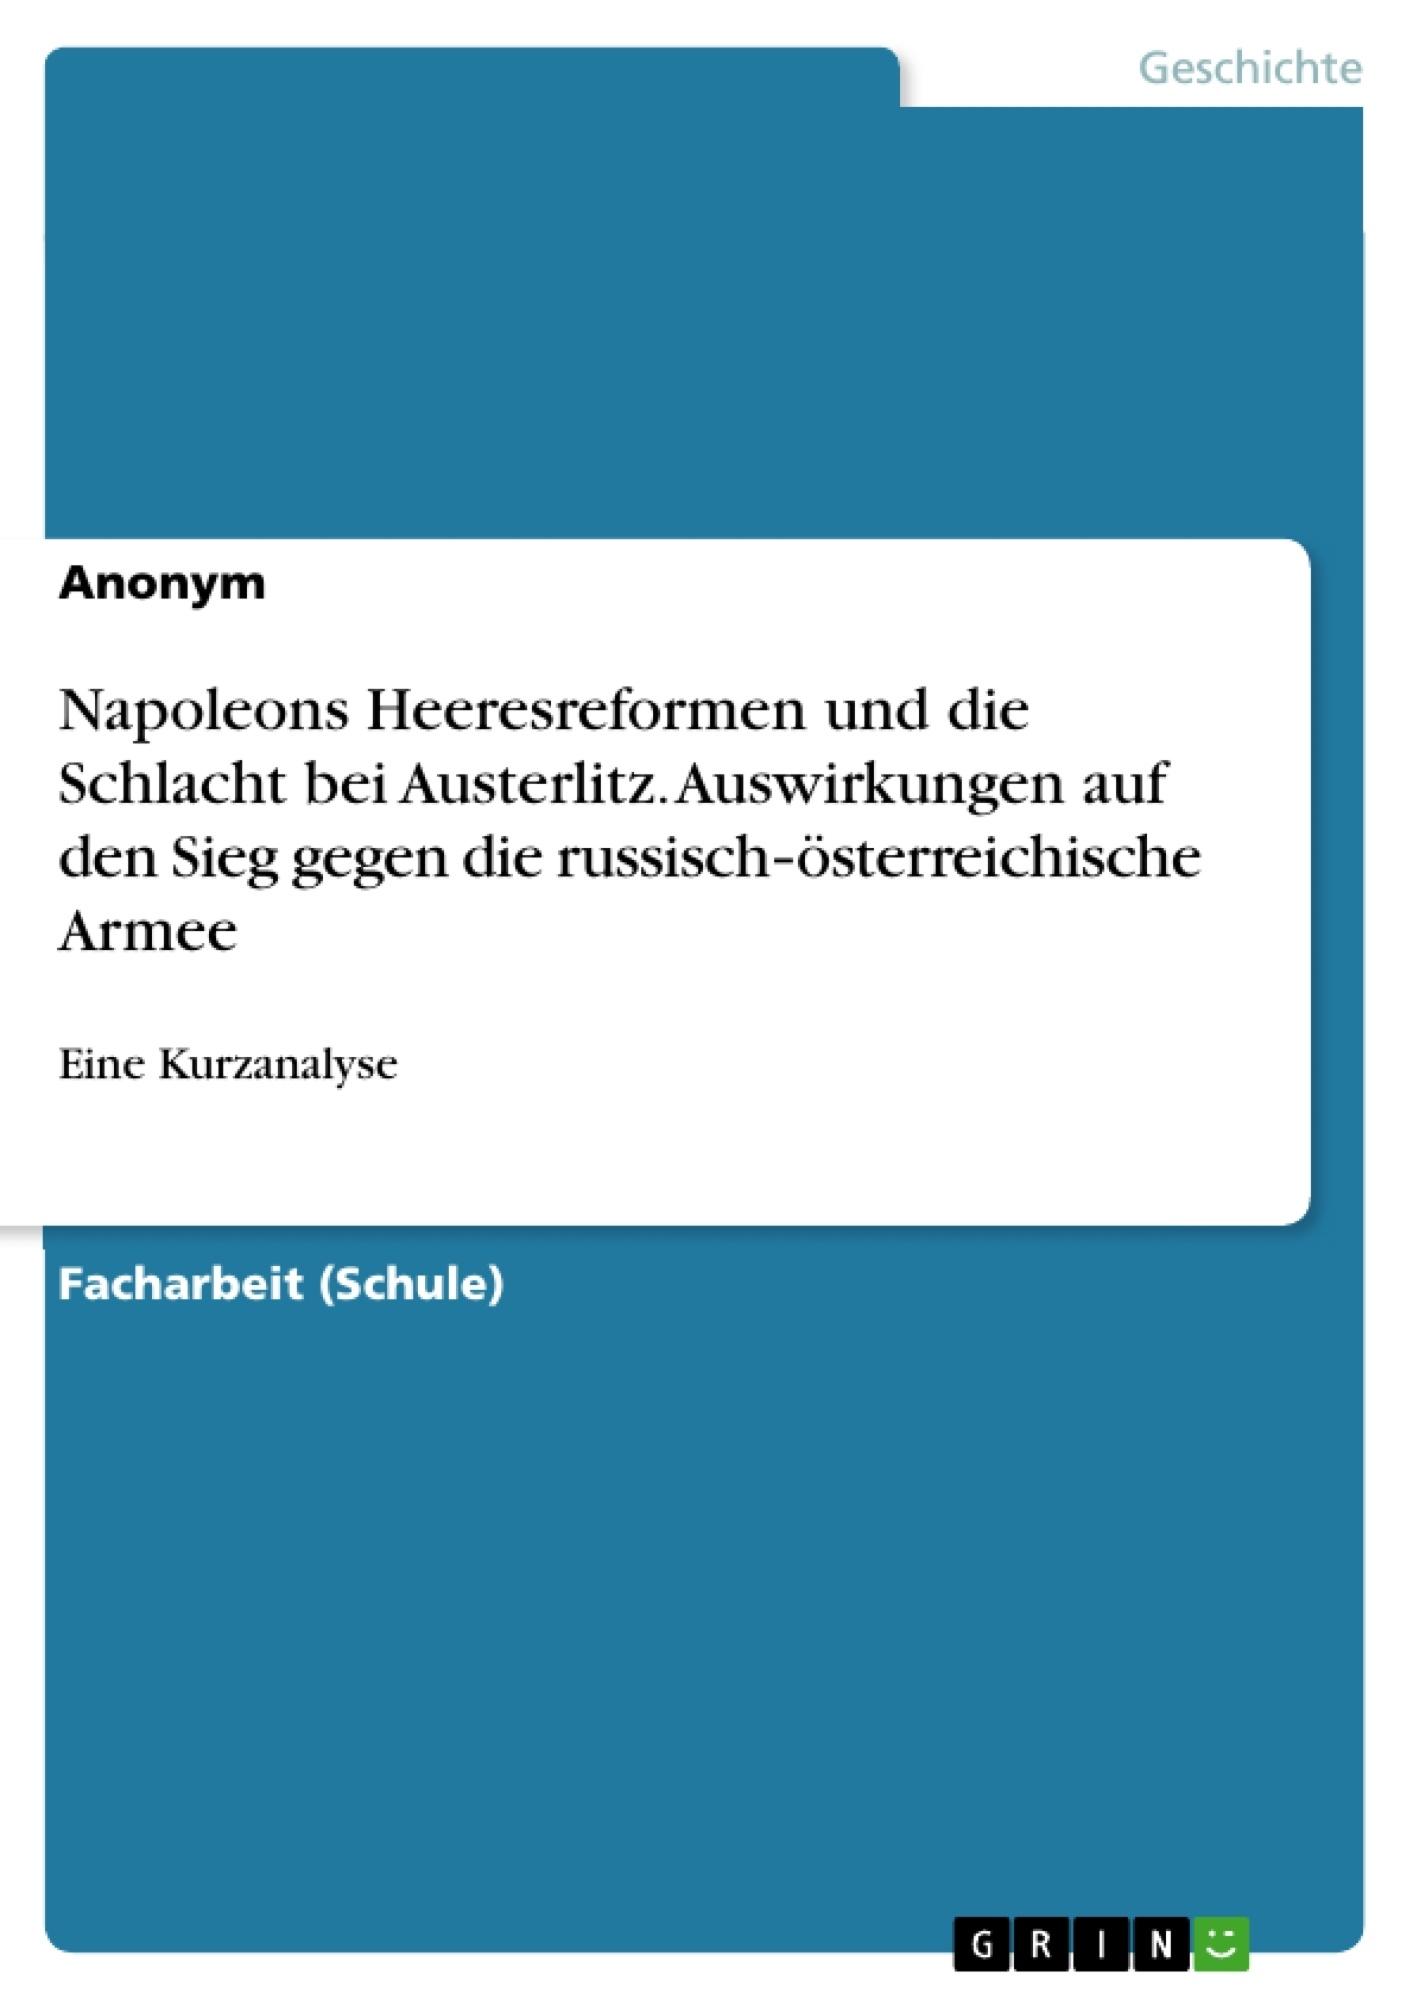 Titel: Napoleons Heeresreformen und die Schlacht bei Austerlitz. Auswirkungen auf den Sieg gegen die russisch‐österreichische Armee